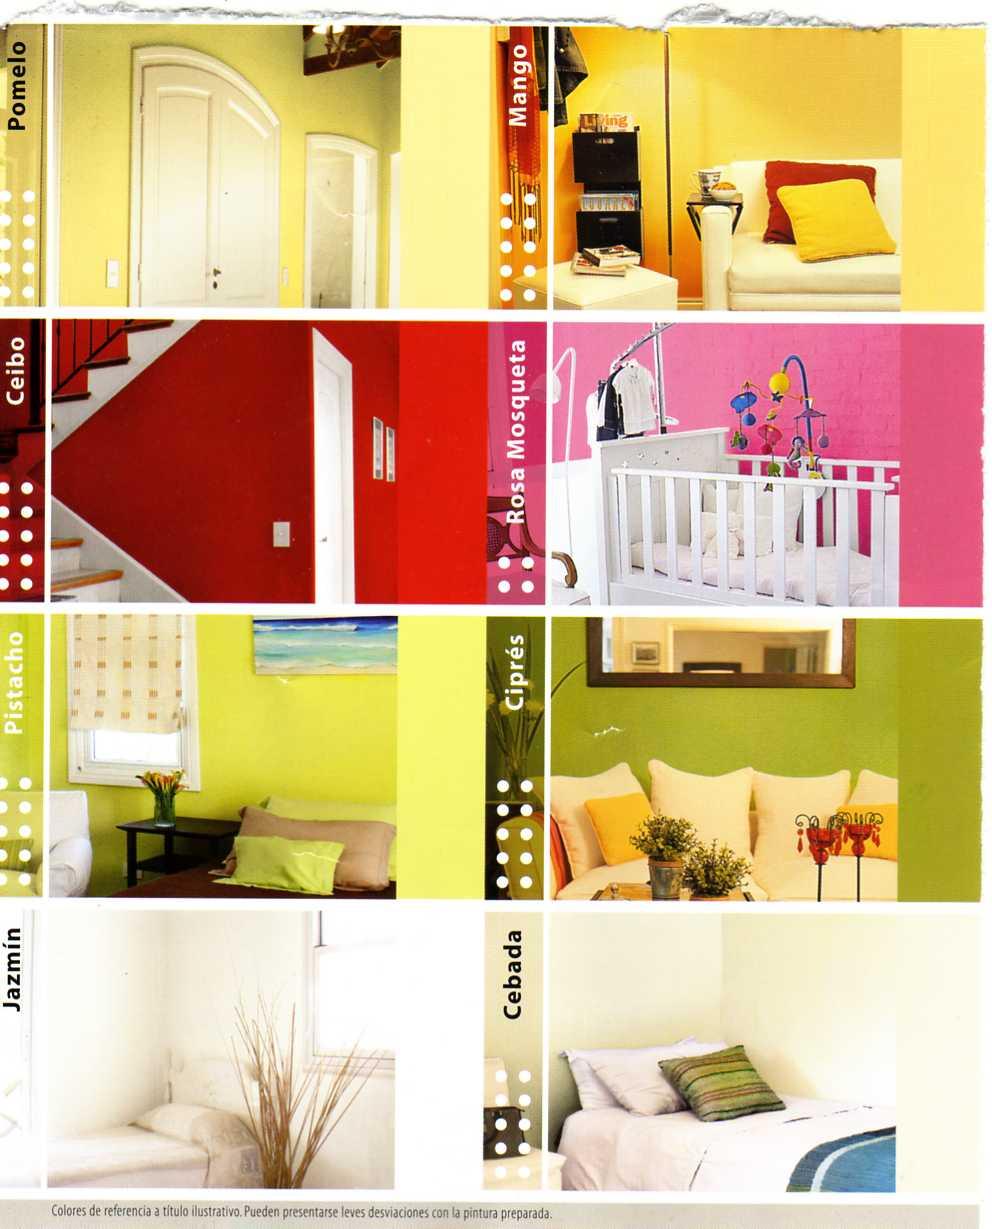 Gustavo pinturas consejos de colores para ambientes - Colores de pintura interior ...